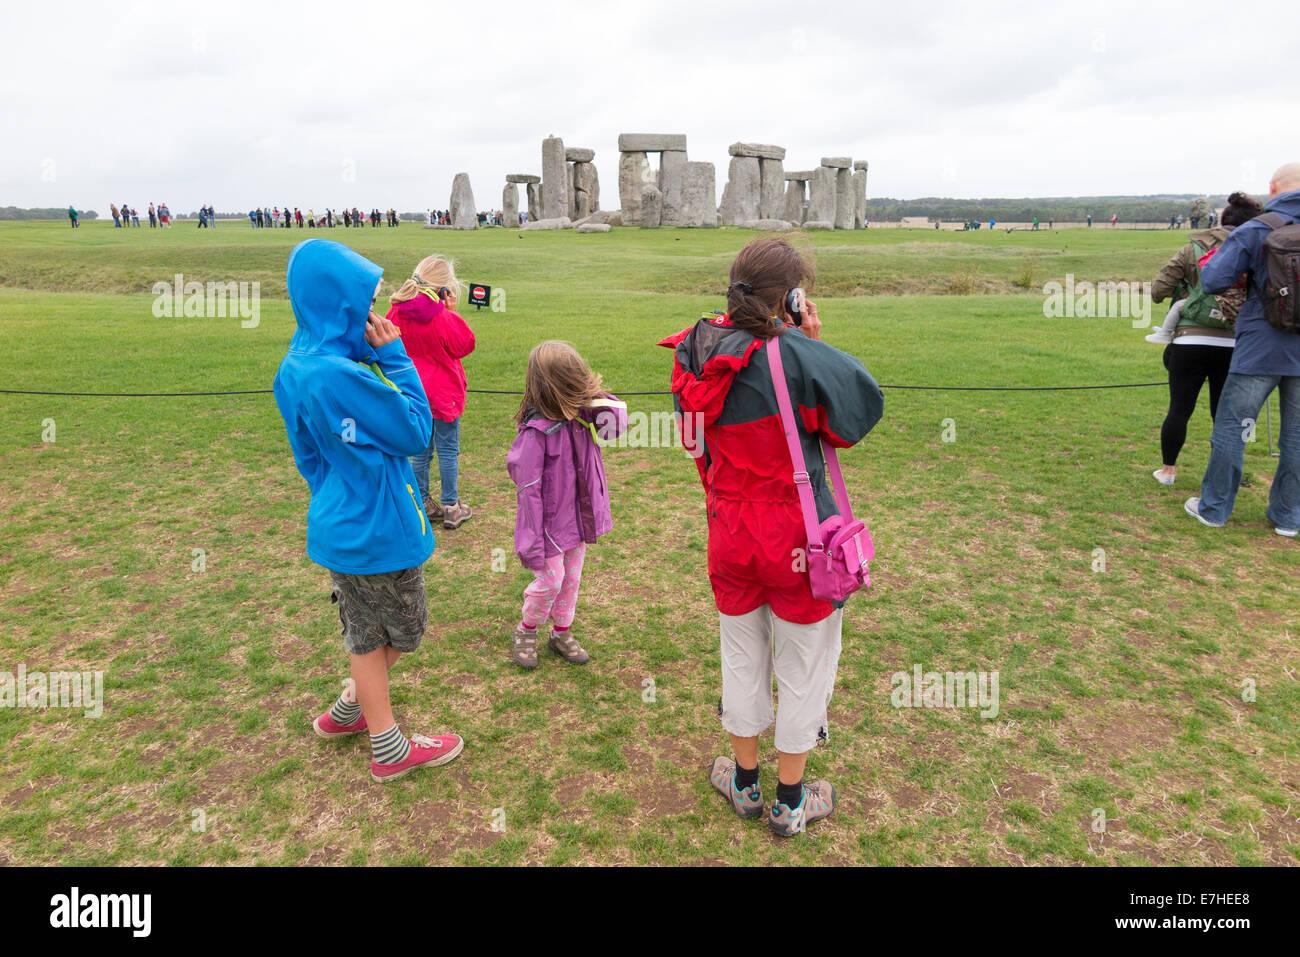 Los visitantes a Stonehenge: Stone Henge con turistas / Turismo / familia madre Mamá y niños / niños escuchando audio guía. UK Foto de stock